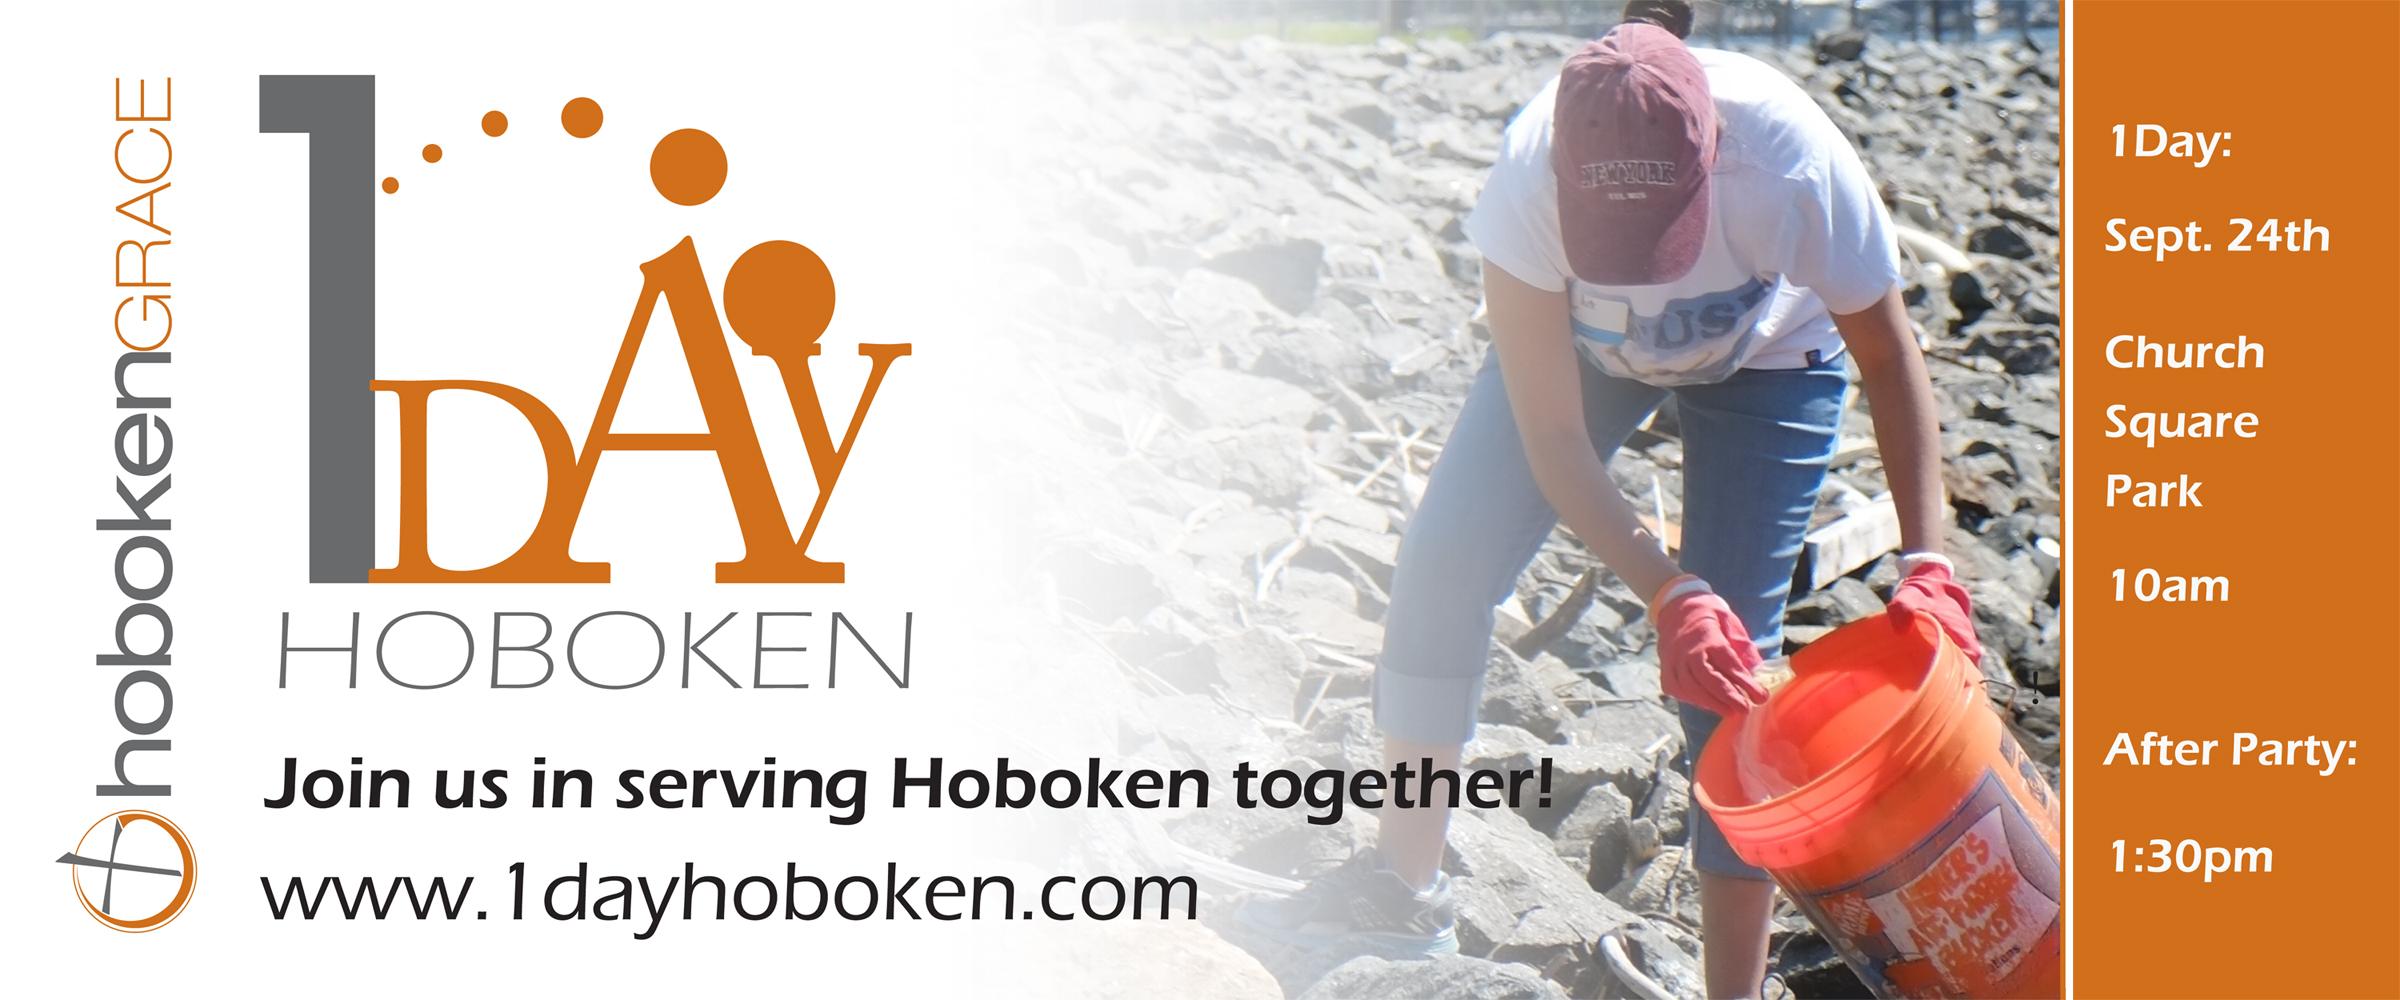 1 Day Hoboken Banner 2015